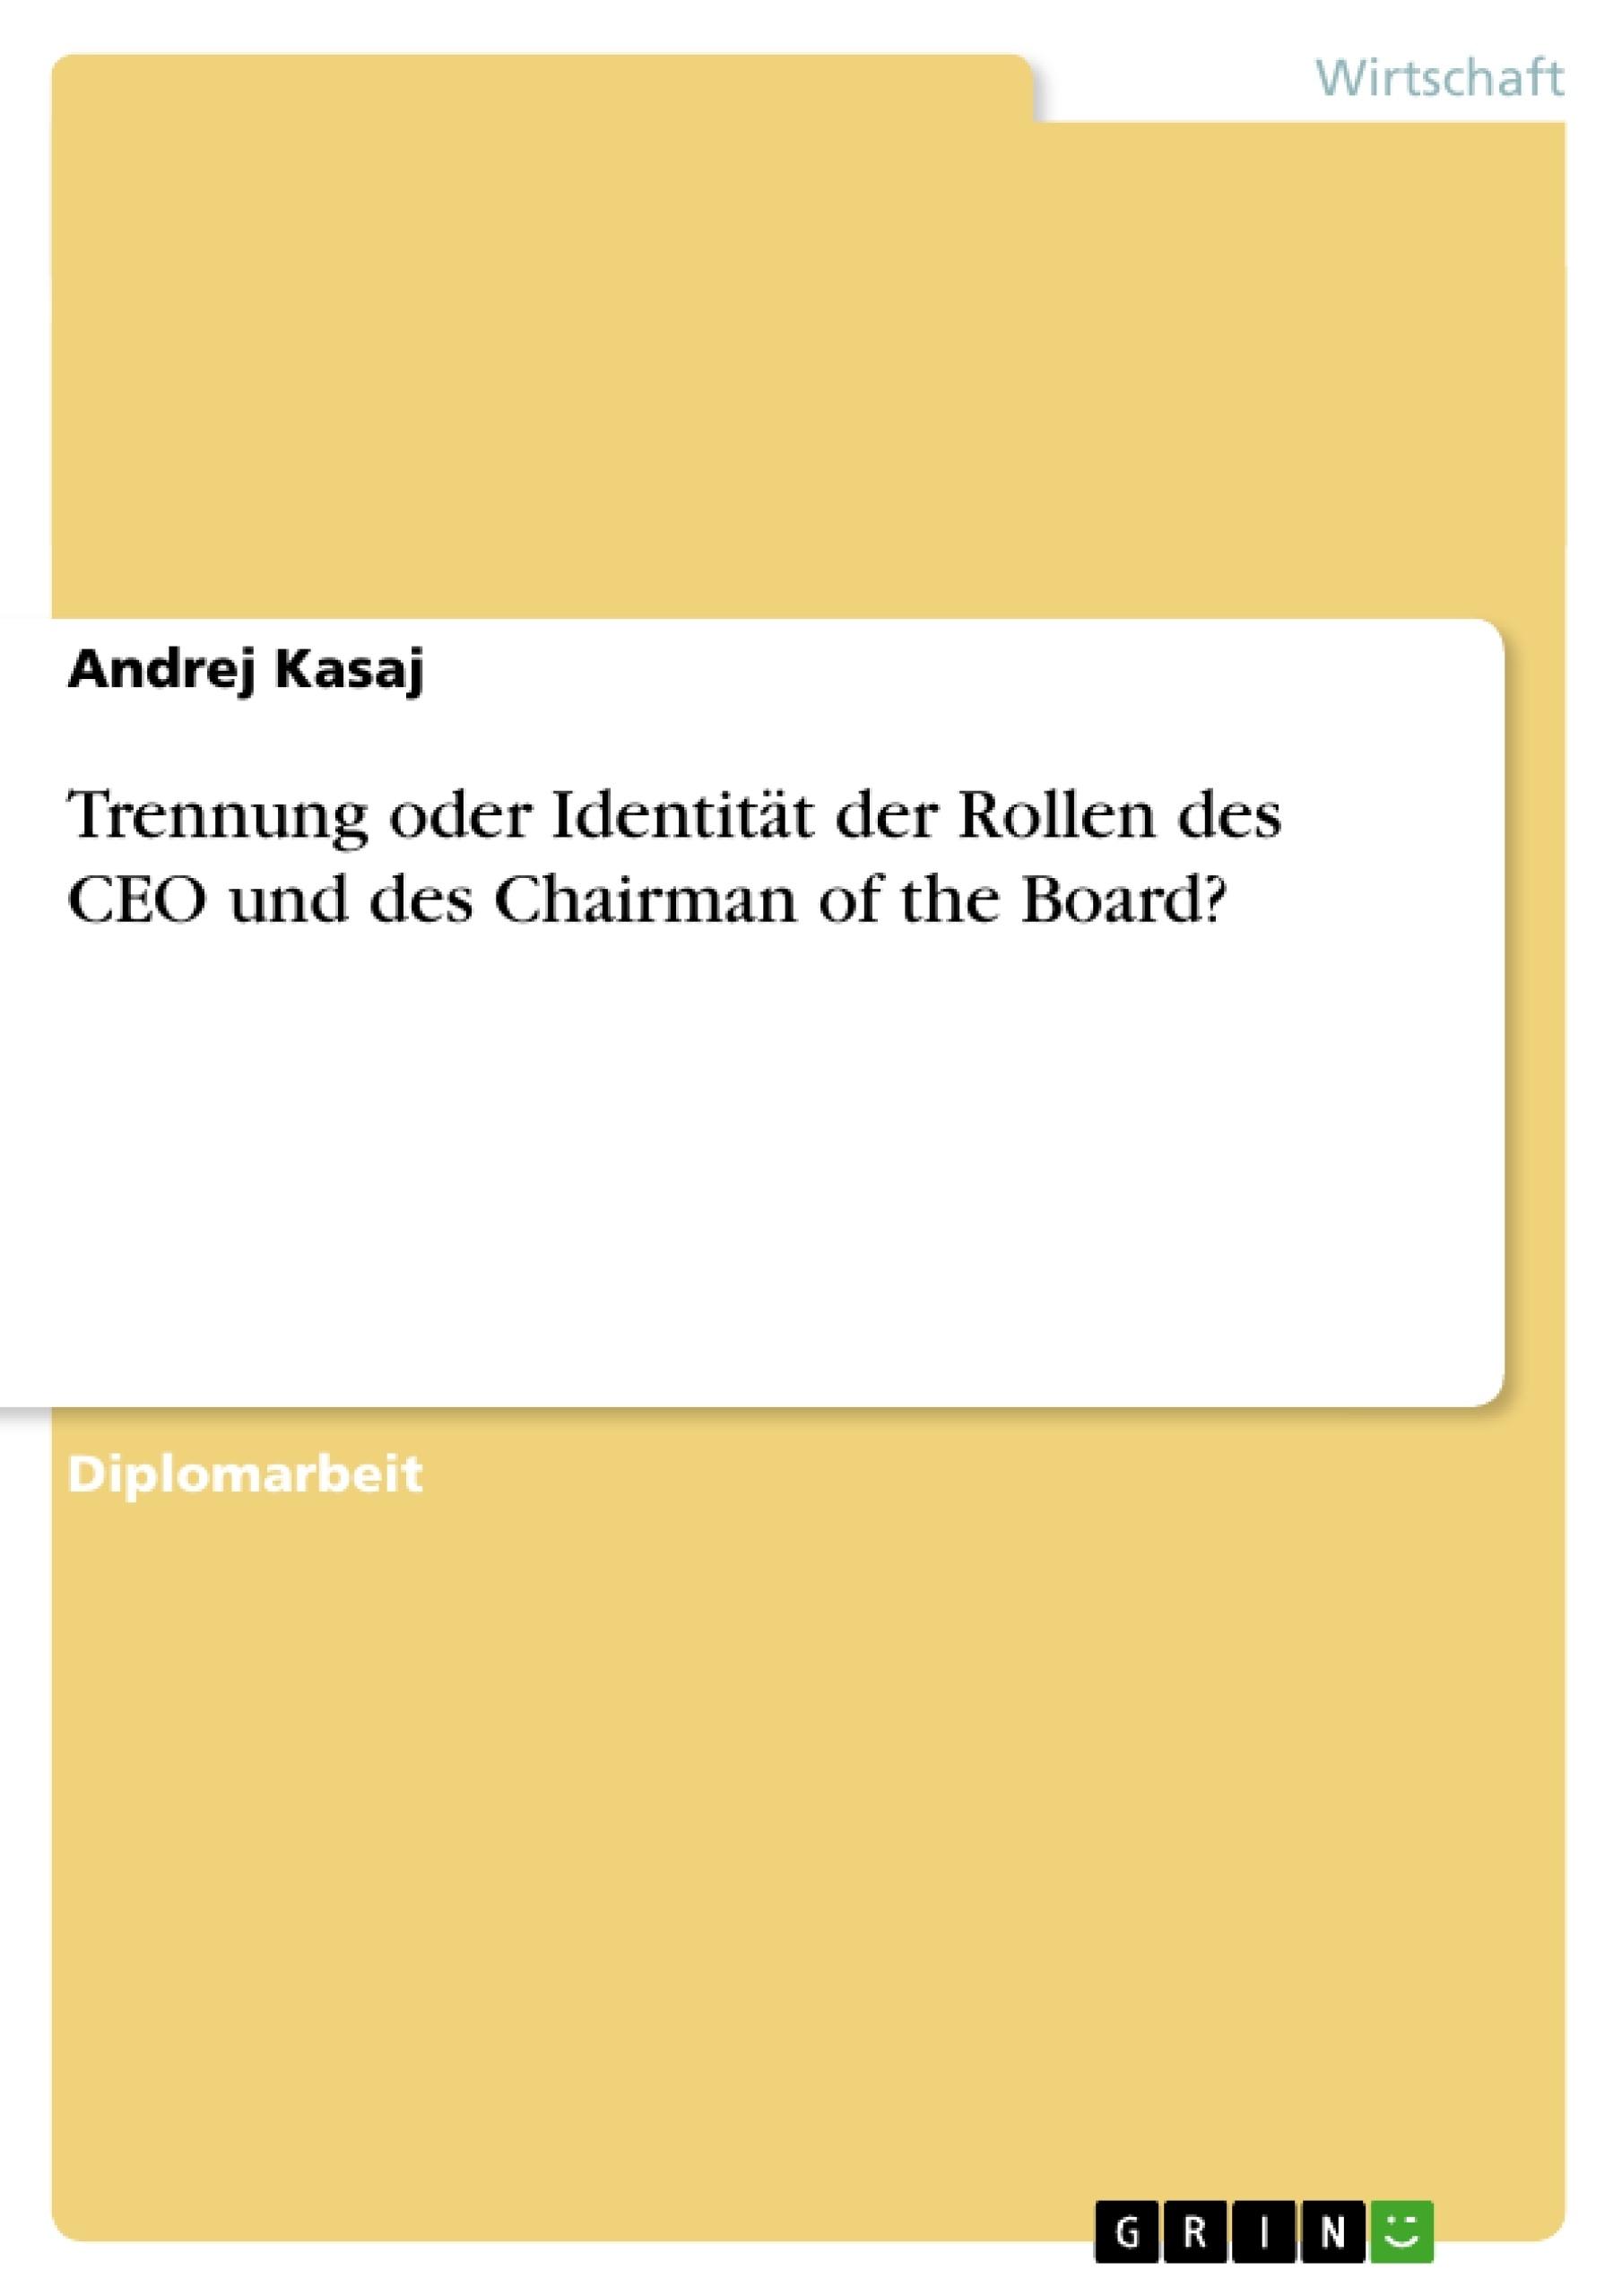 Titel: Trennung oder Identität der Rollen des CEO und des Chairman of the Board?